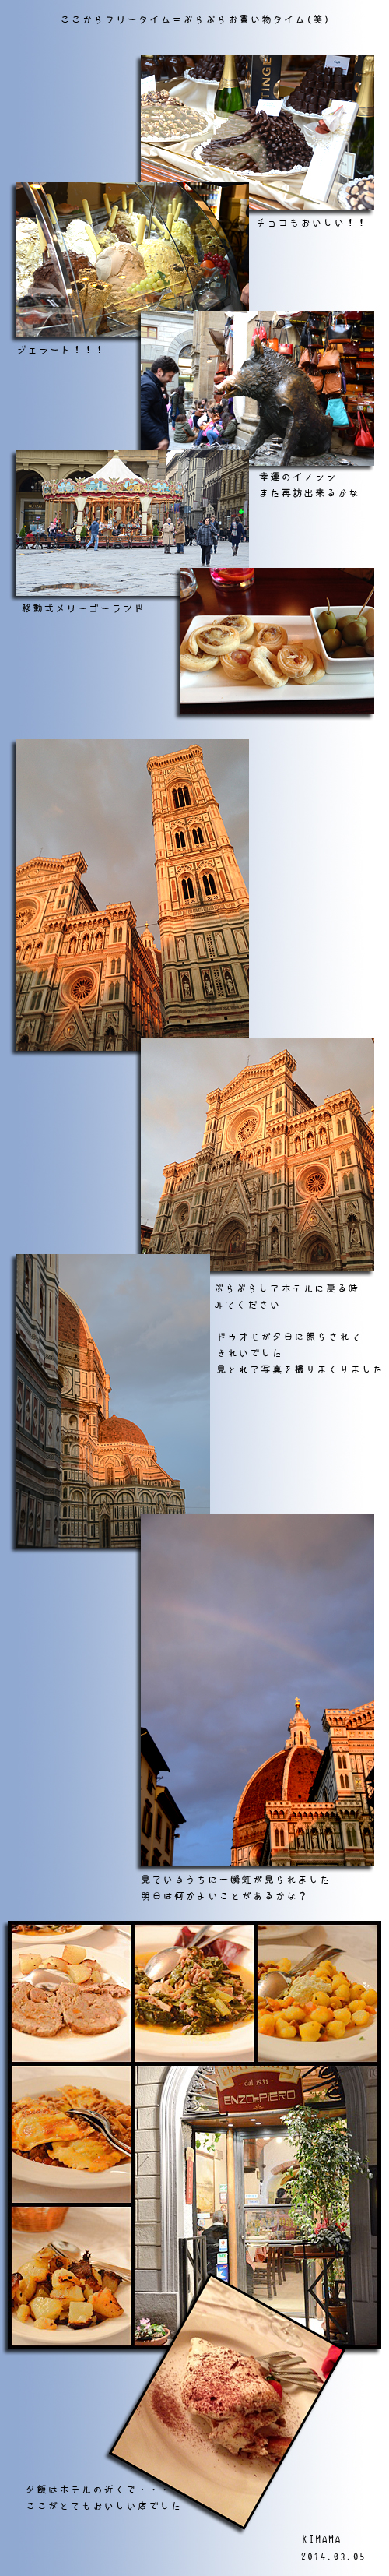 3月28日フィレンツェ3